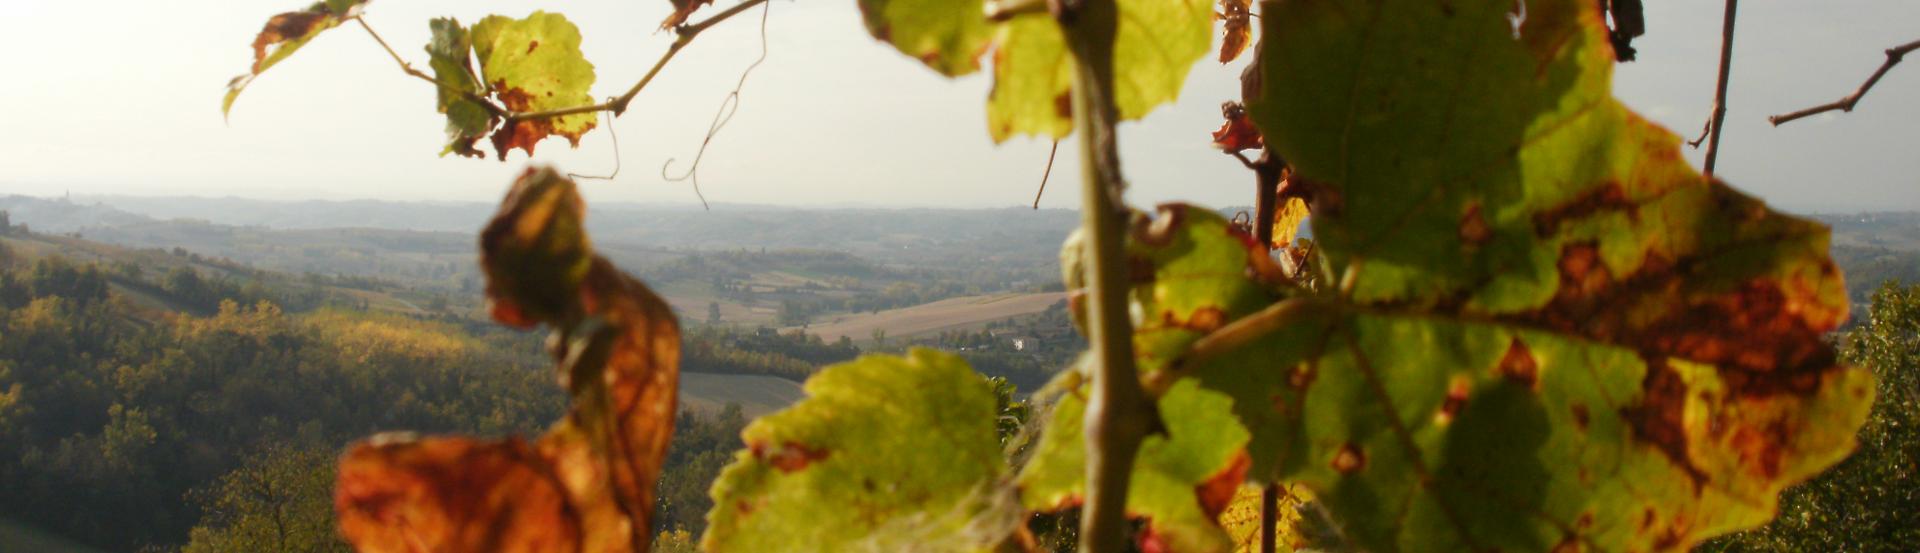 monferrato-bb-la-casa-sui-tetti